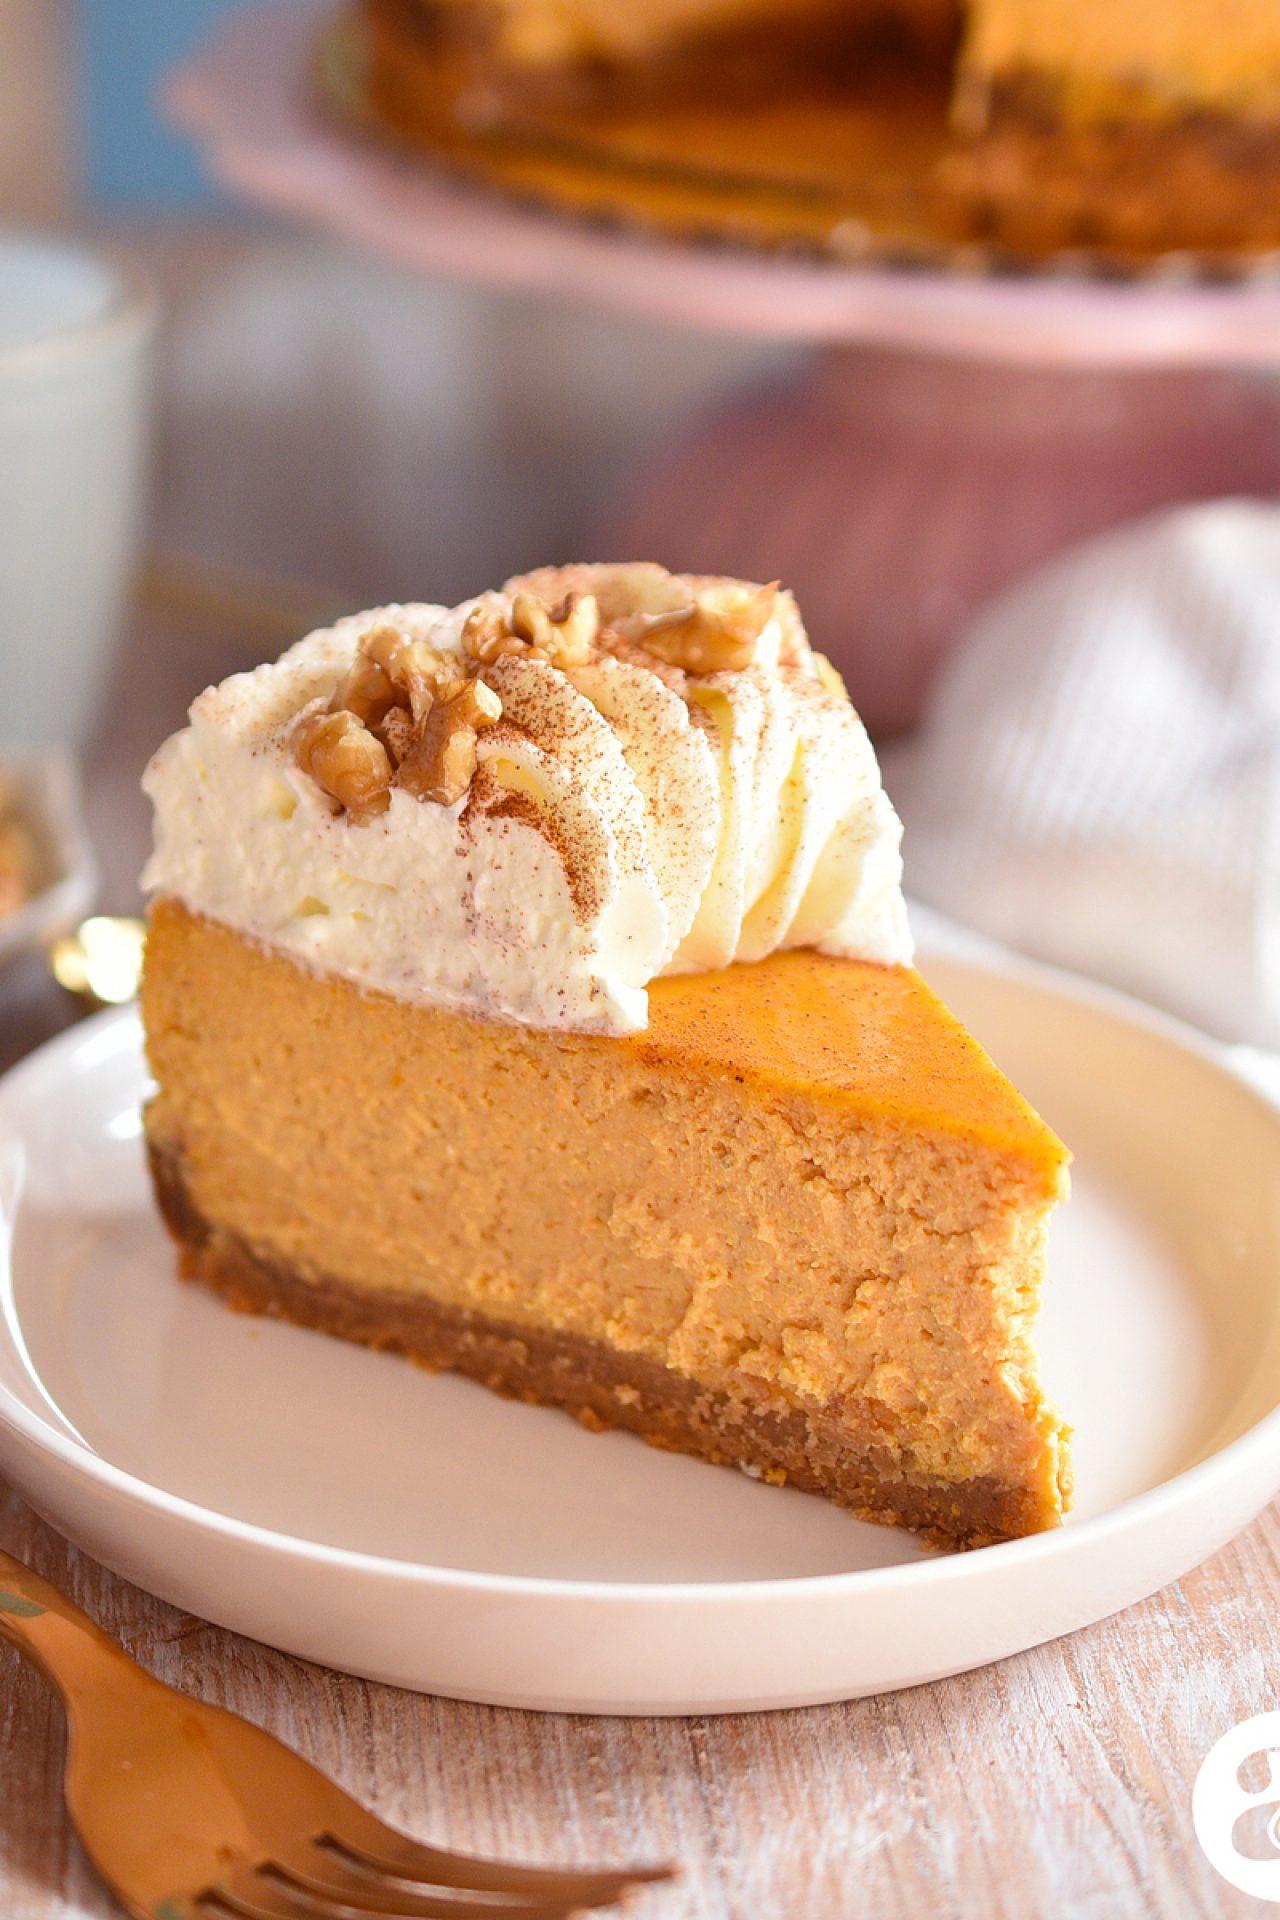 Pumpkin cheesecake o cheesecake de calabaza